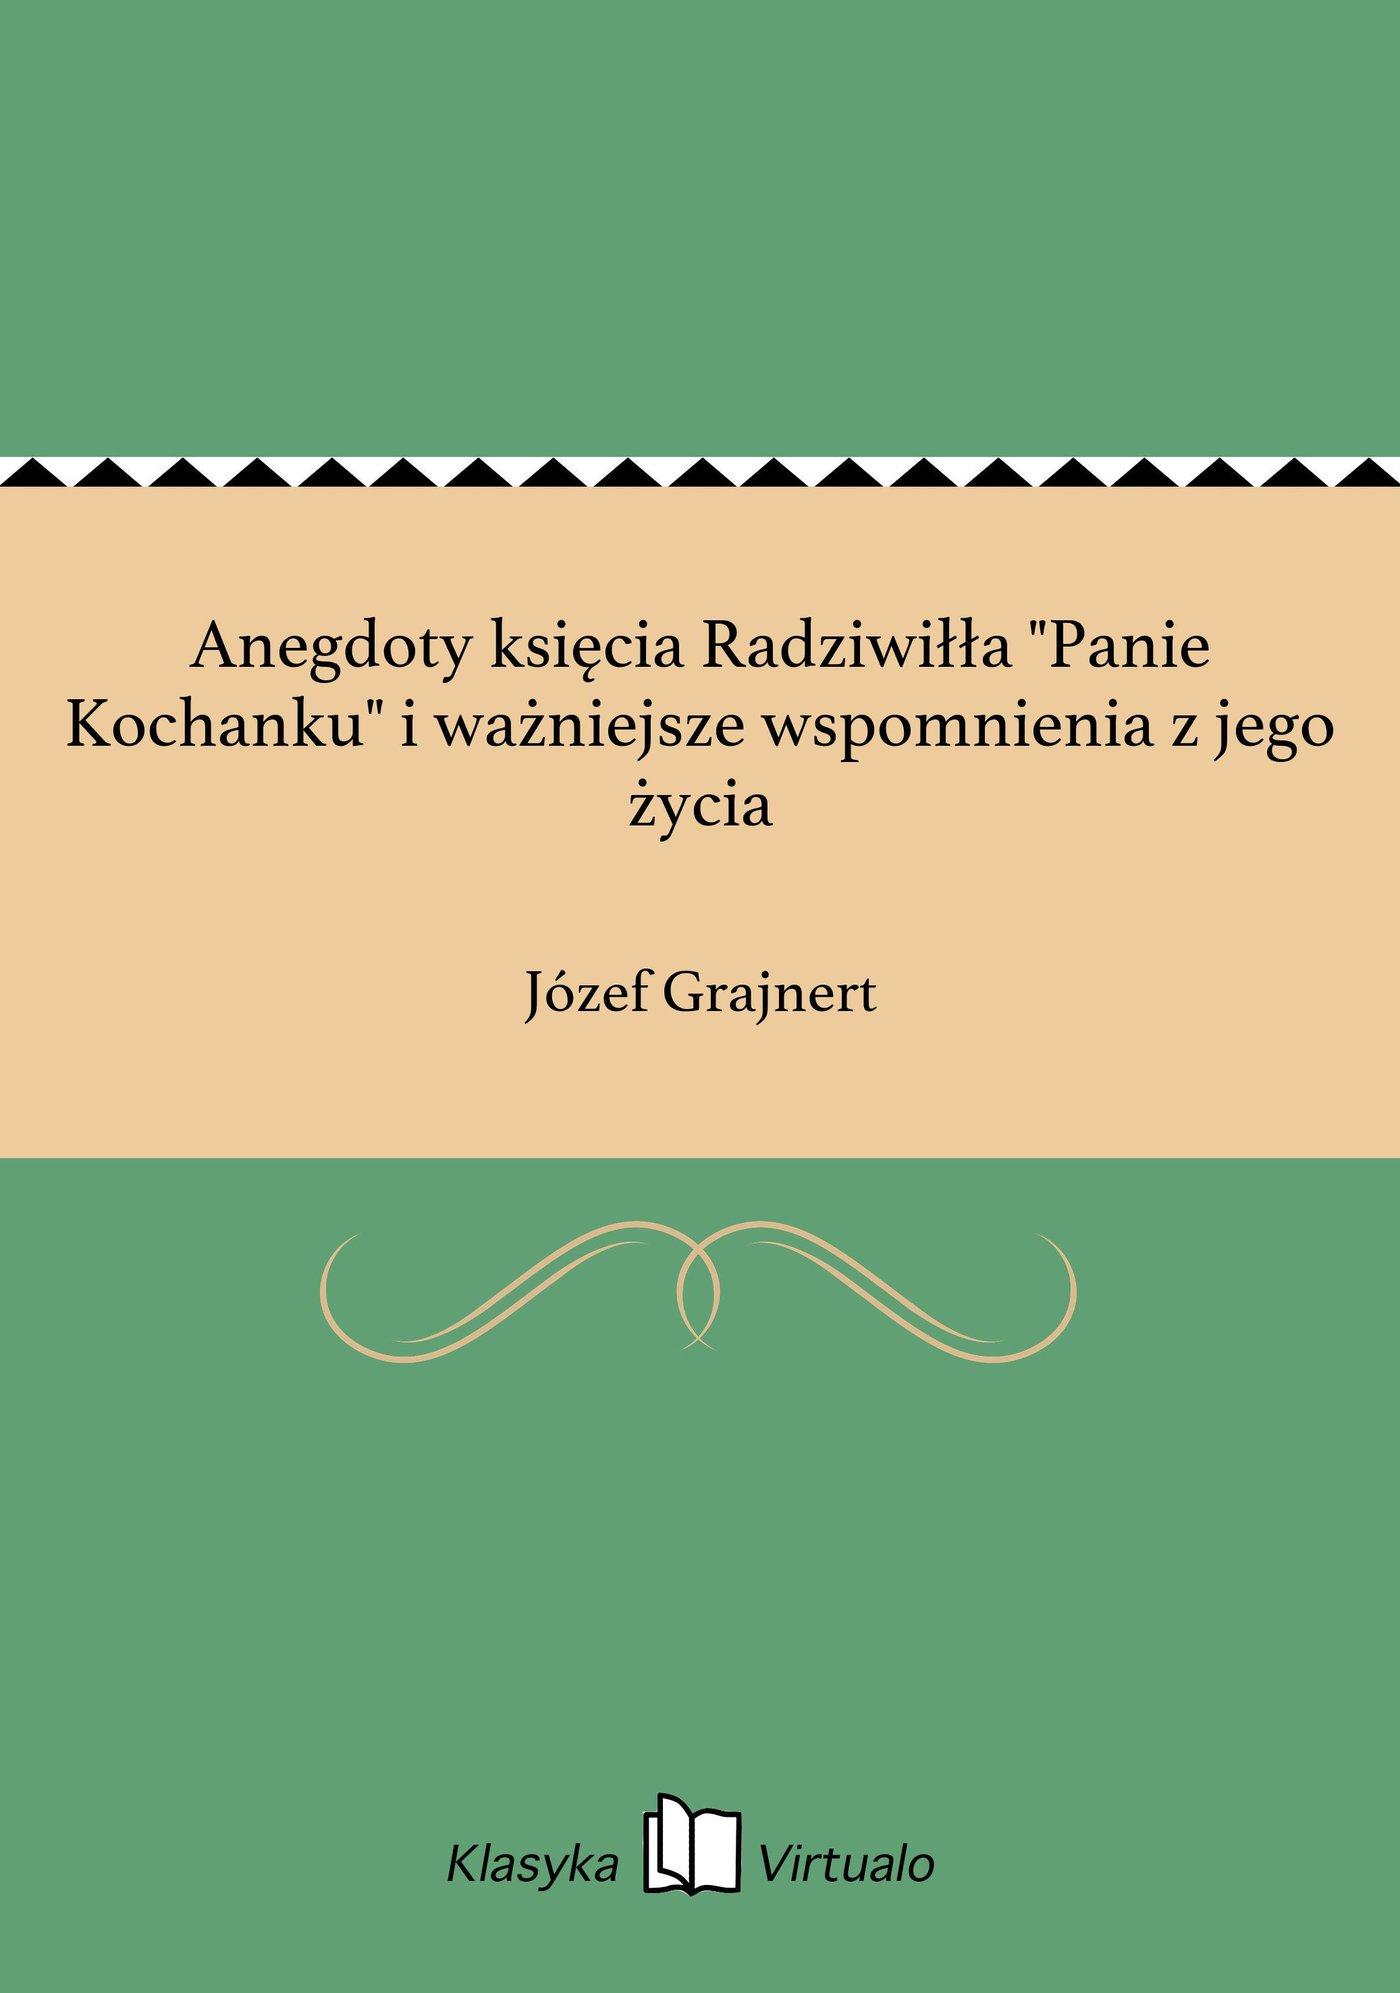 """Anegdoty księcia Radziwiłła """"Panie Kochanku"""" i ważniejsze wspomnienia z jego życia - Ebook (Książka EPUB) do pobrania w formacie EPUB"""